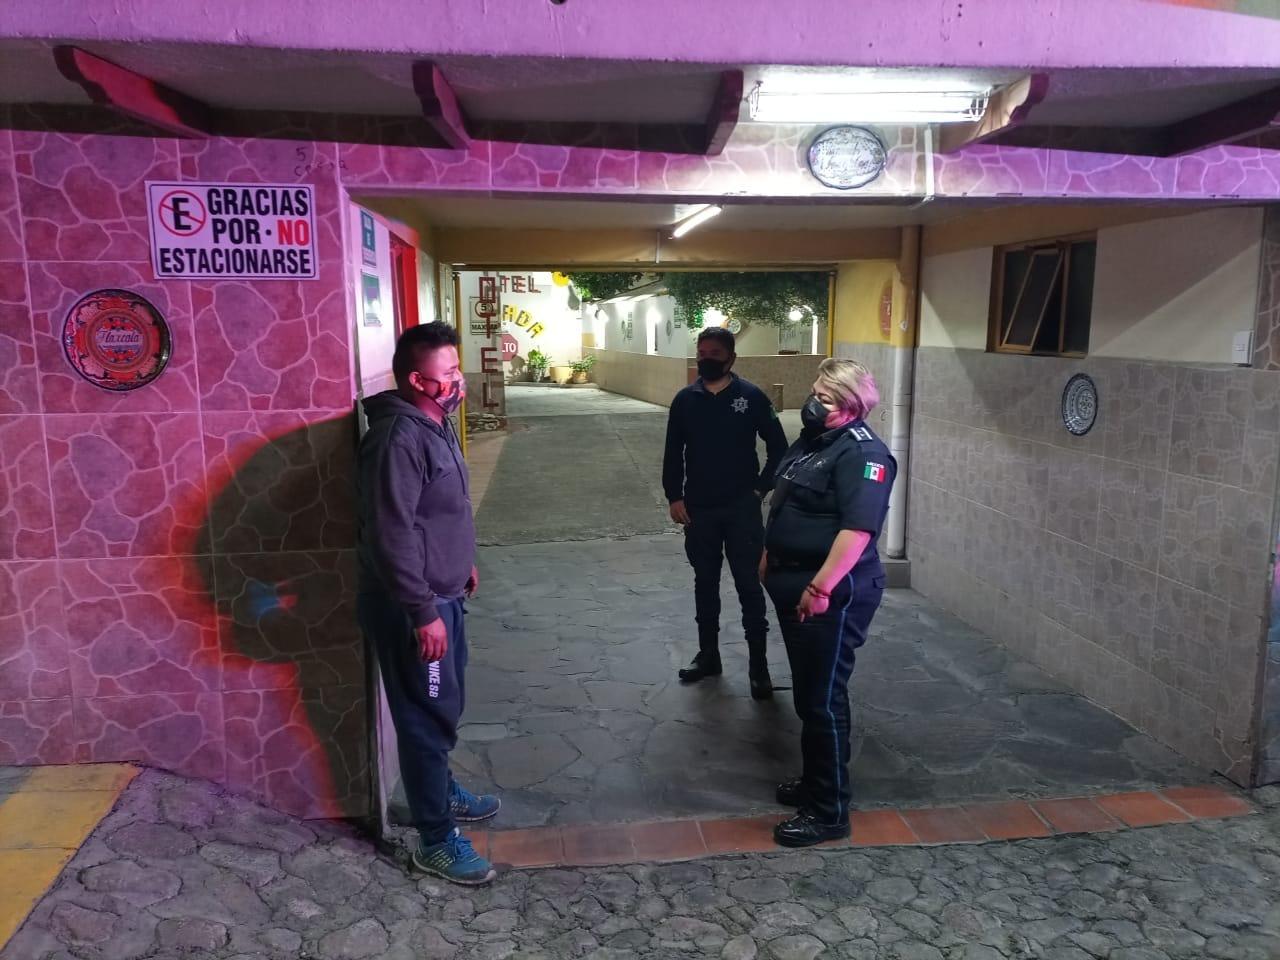 Policía de Totolac evita el asalto a un hotel durante un recorrido de vigilancia